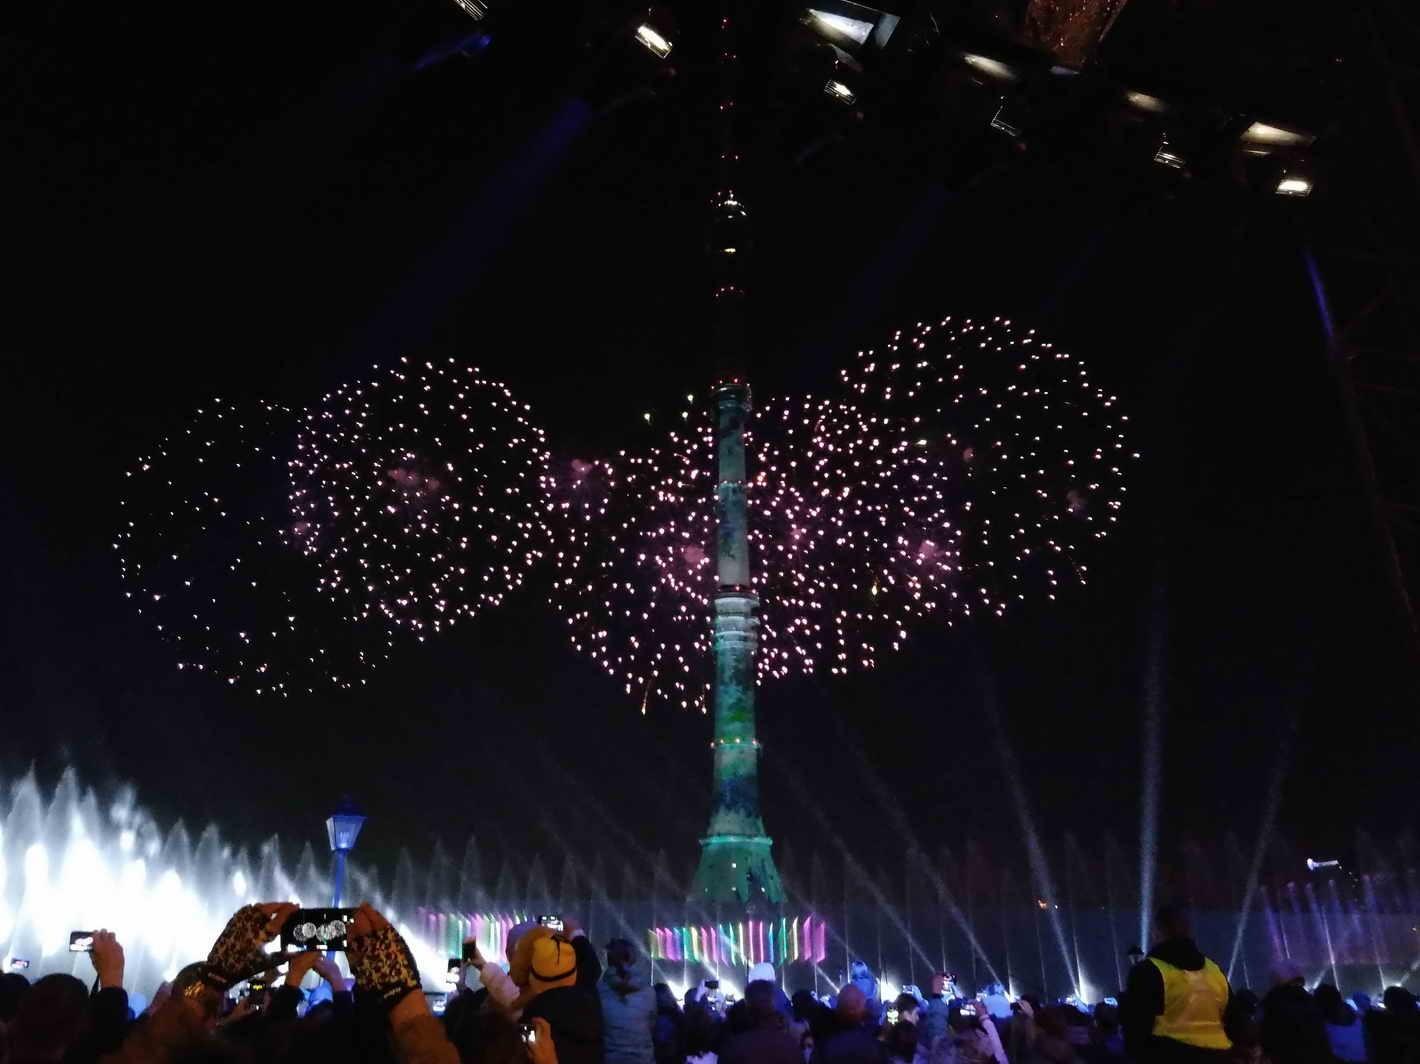 Круг света 2017